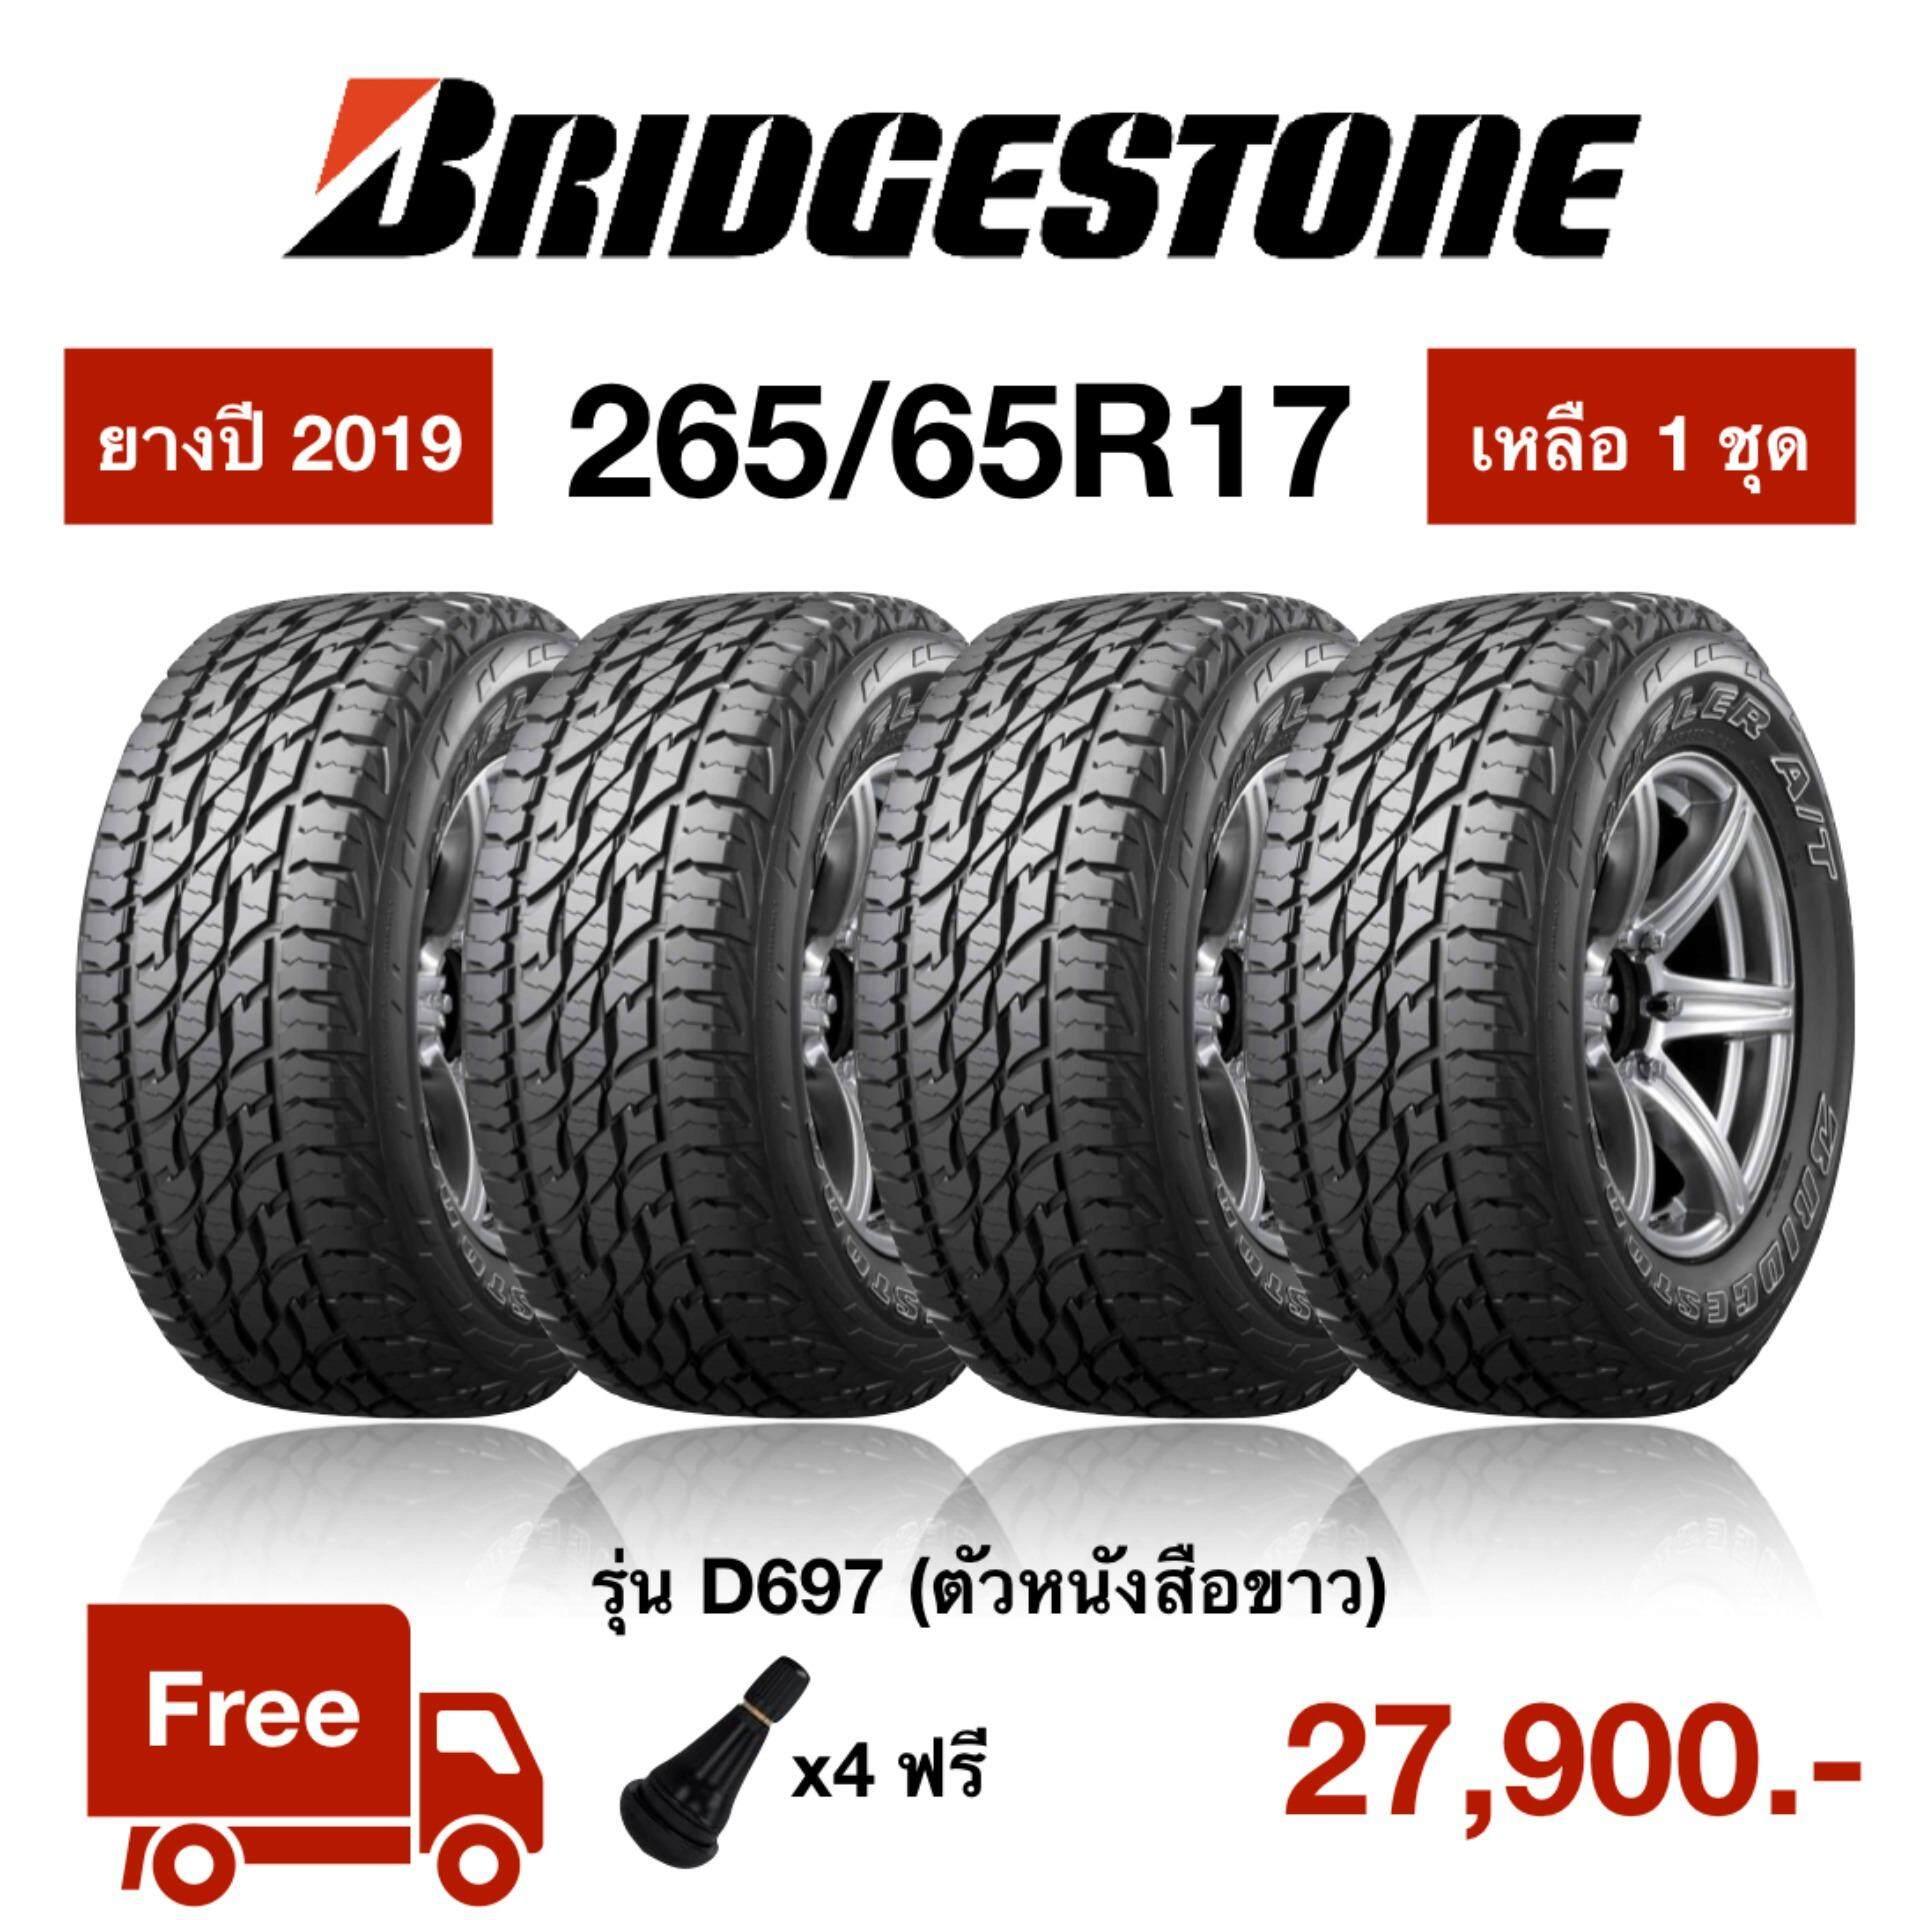 ประกันภัย รถยนต์ 2+ สตูล Bridgestone ยางรถยนต์ 265/65R17 DUELER A/T 697 ตัวหนังสือขาว จำนวน 4 เส้น (ยางใหม่ปี 2019)